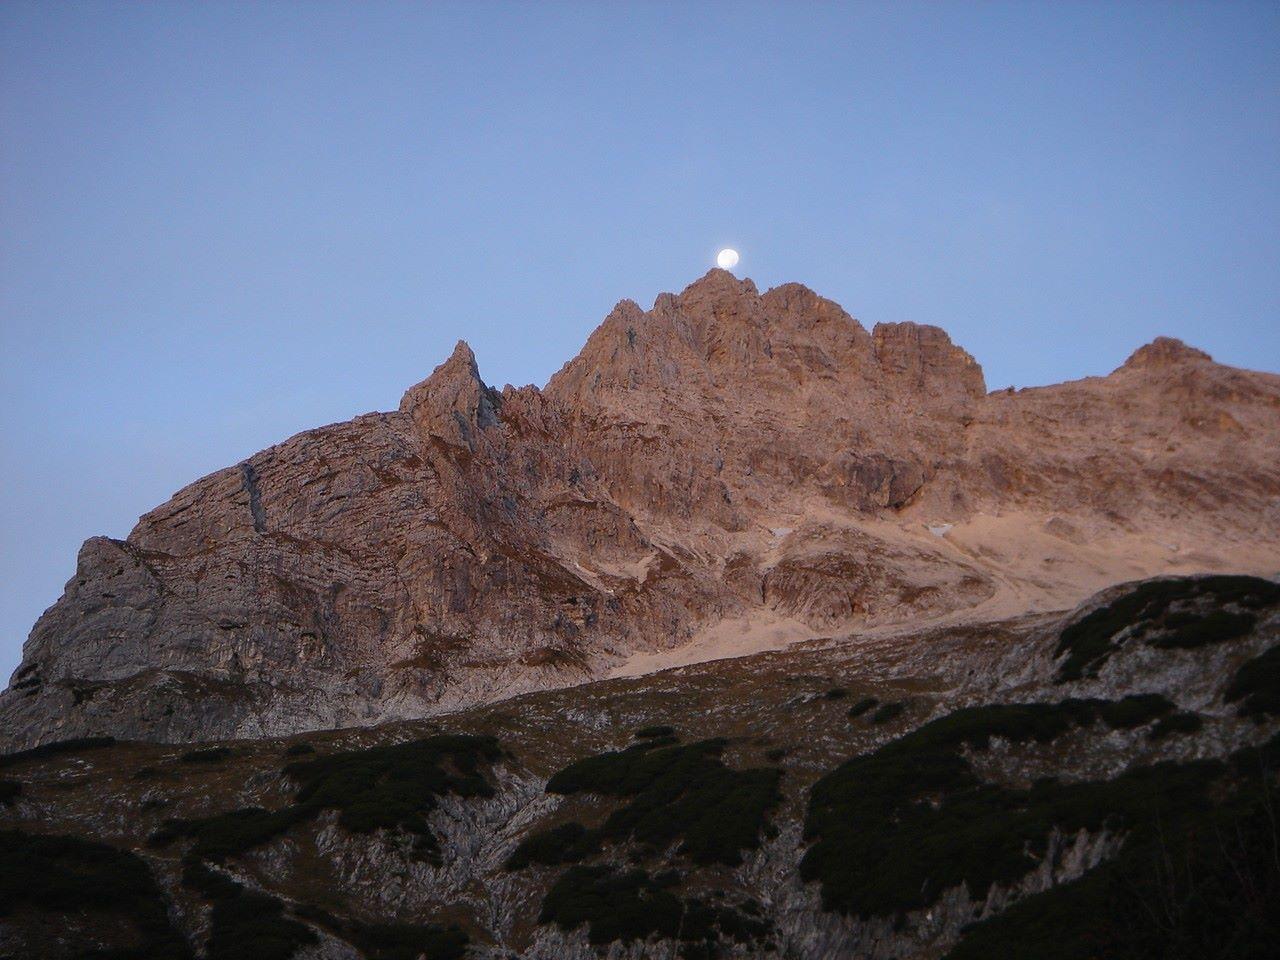 Foto: Manfred Karl / Wander Tour / Über das Prielschutzhaus und den Bert-Rinesch-Klettersteig auf den Gr.Priel / Monduntergang über dem Brotfall / 15.06.2007 23:25:38